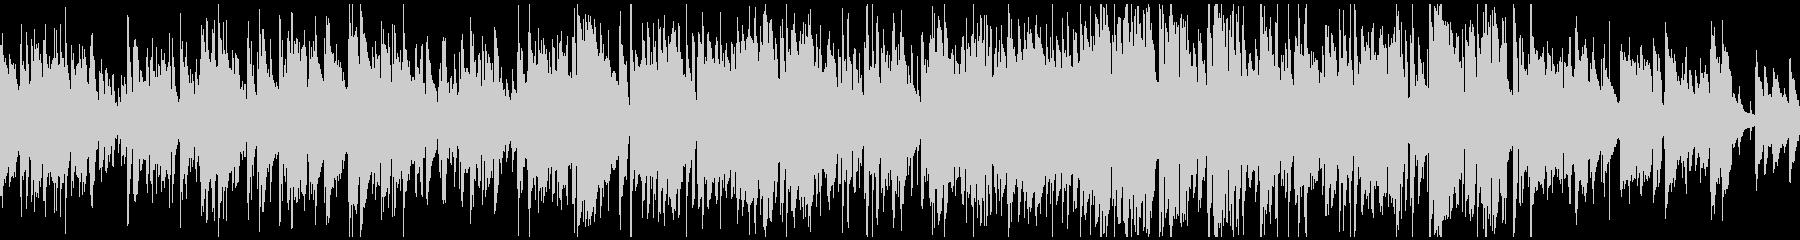 軽快アコースティックジャズ ※ループ版の未再生の波形